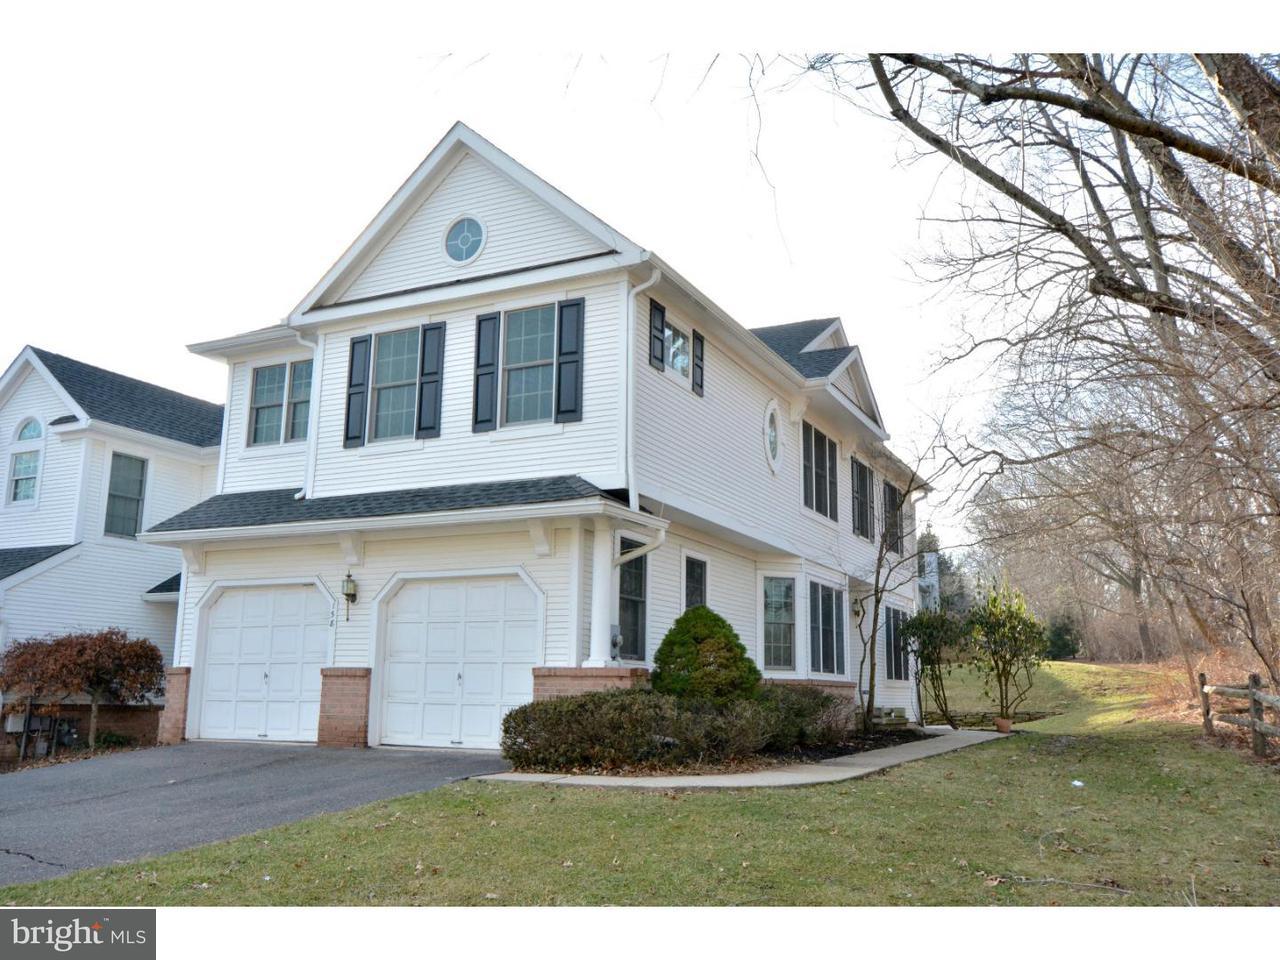 Casa unifamiliar adosada (Townhouse) por un Venta en 158 NEIL Court Princeton, Nueva Jersey 08540 Estados UnidosEn/Alrededor: Princeton